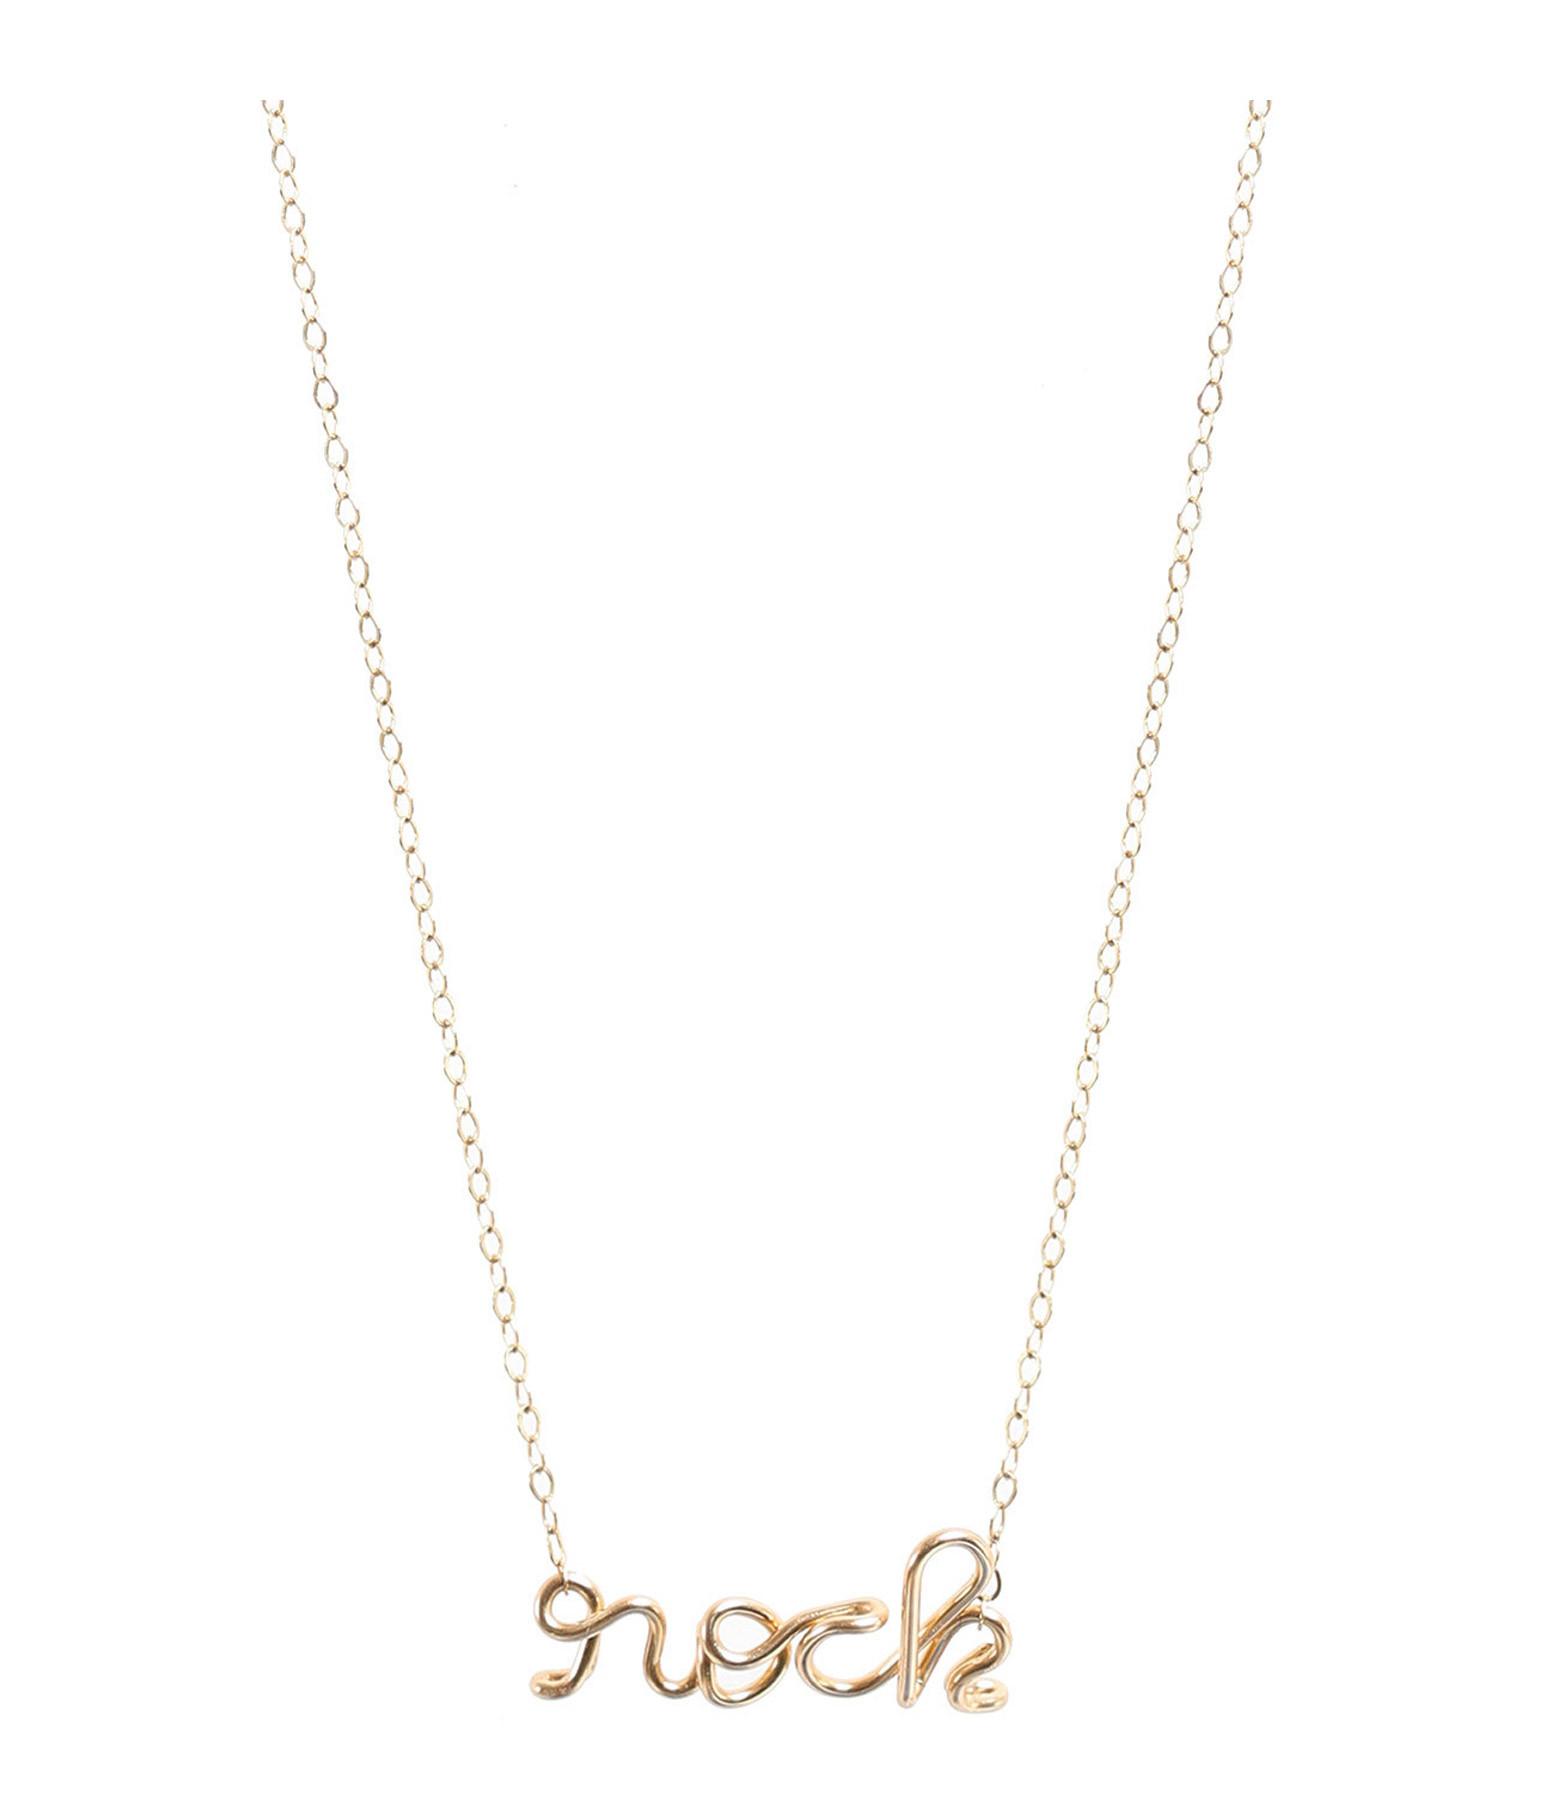 ATELIER PAULIN - Collier Richelieu Rock Gold Filled